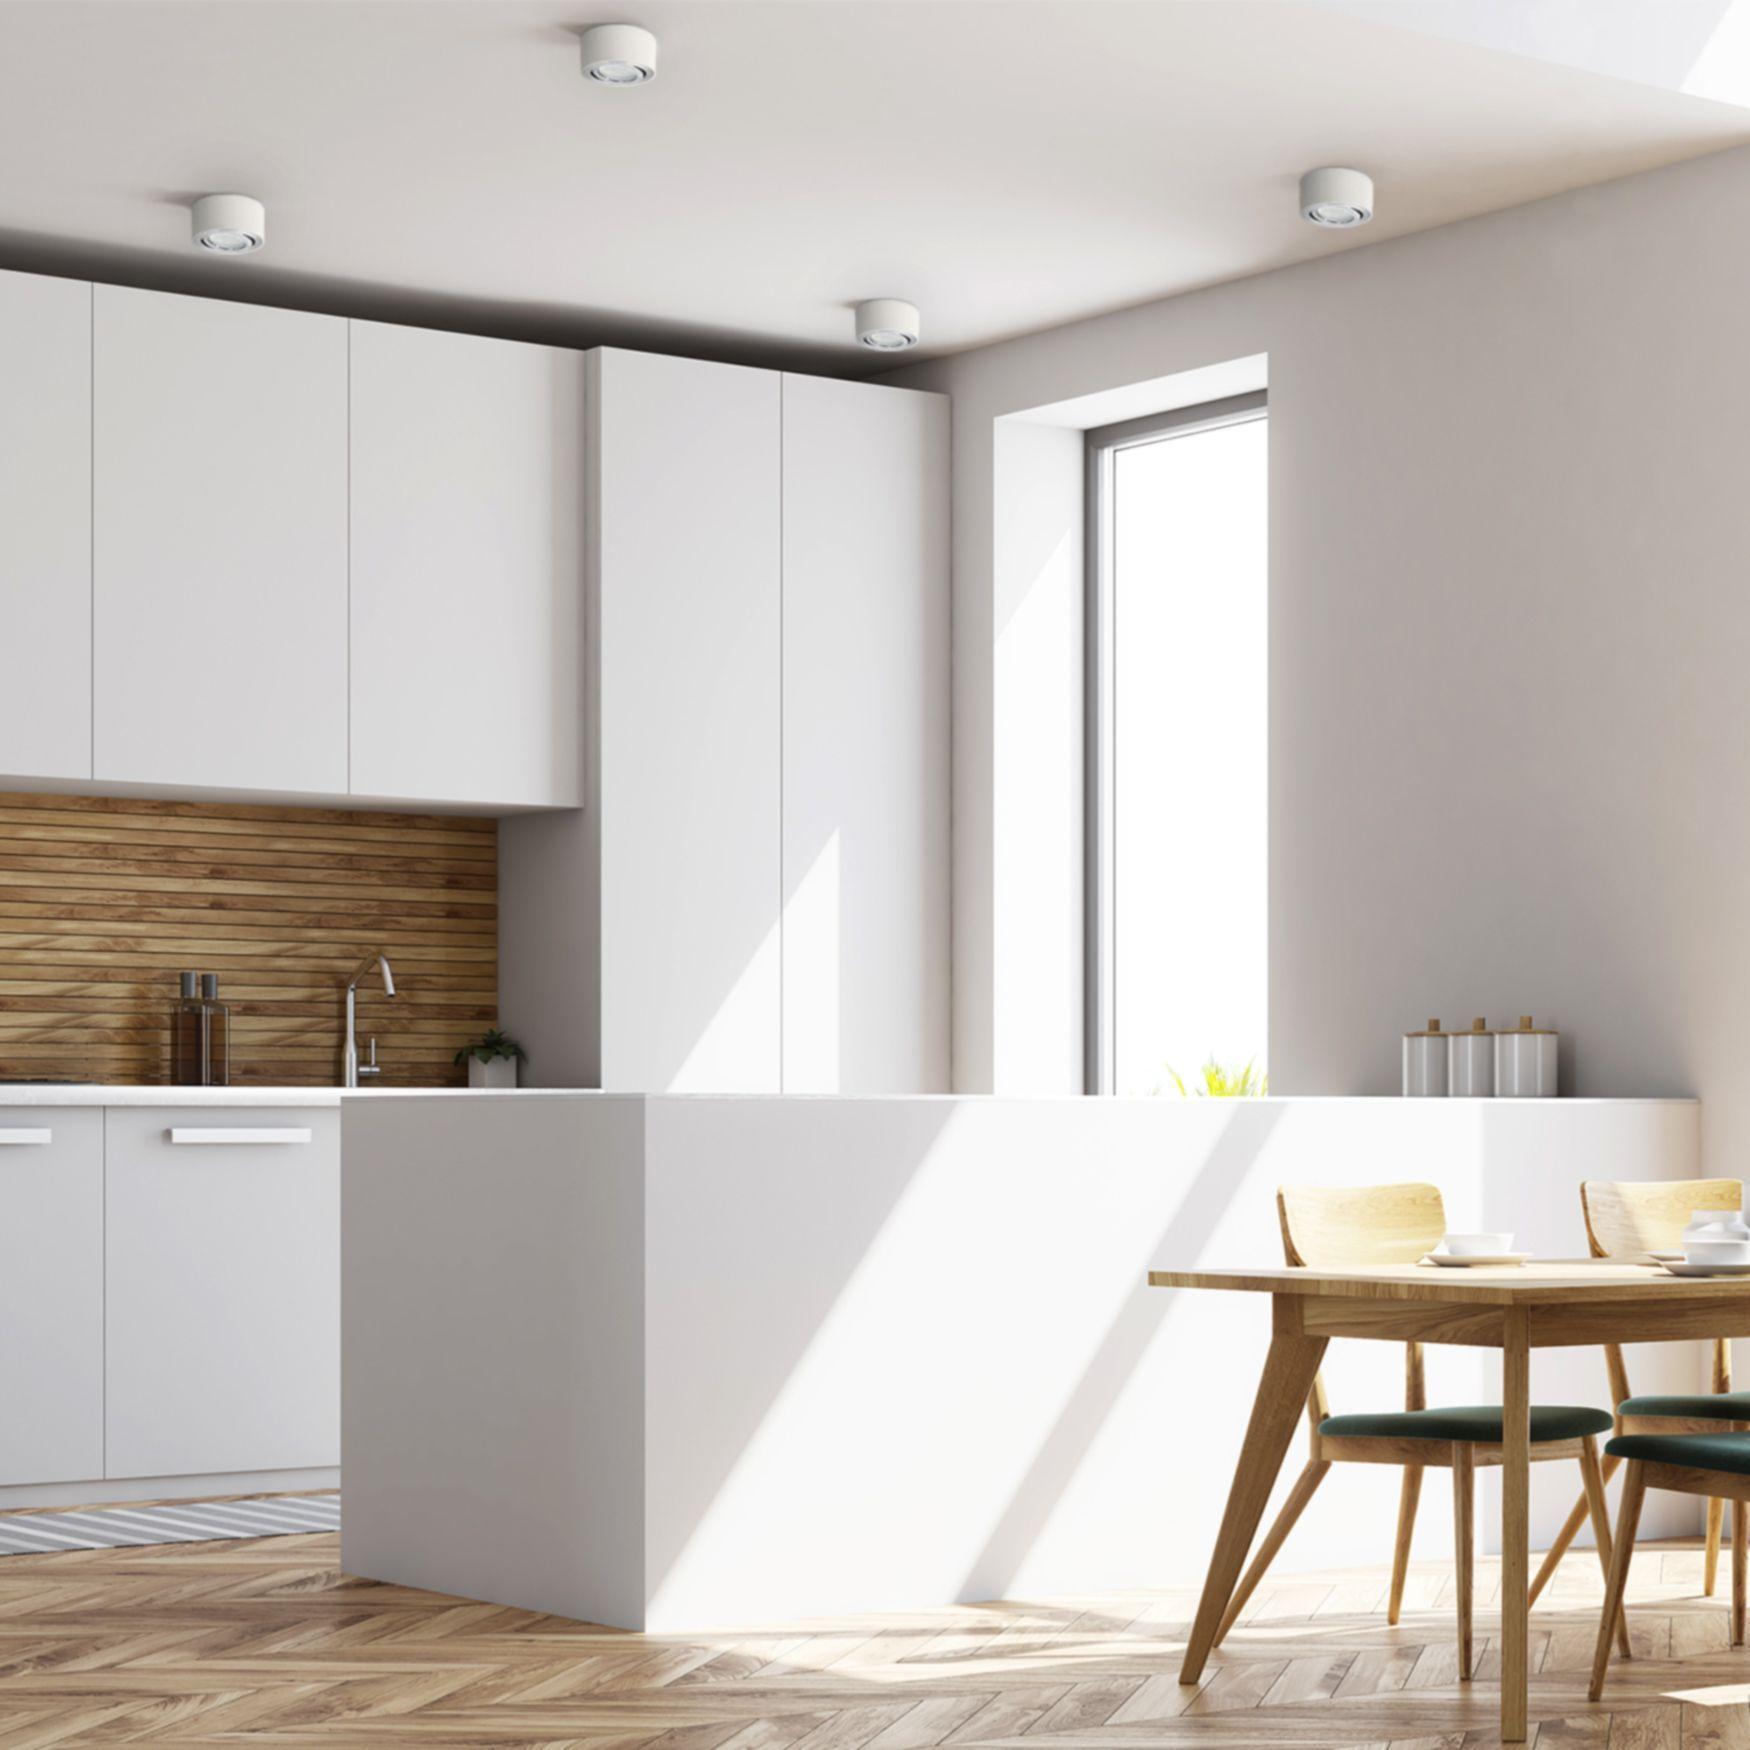 Celi 1 Moderne Deckenleuchte Fur Die Kuche In 2020 Led Deckenspots Haus Deko Beleuchtung Wohnzimmer Decke